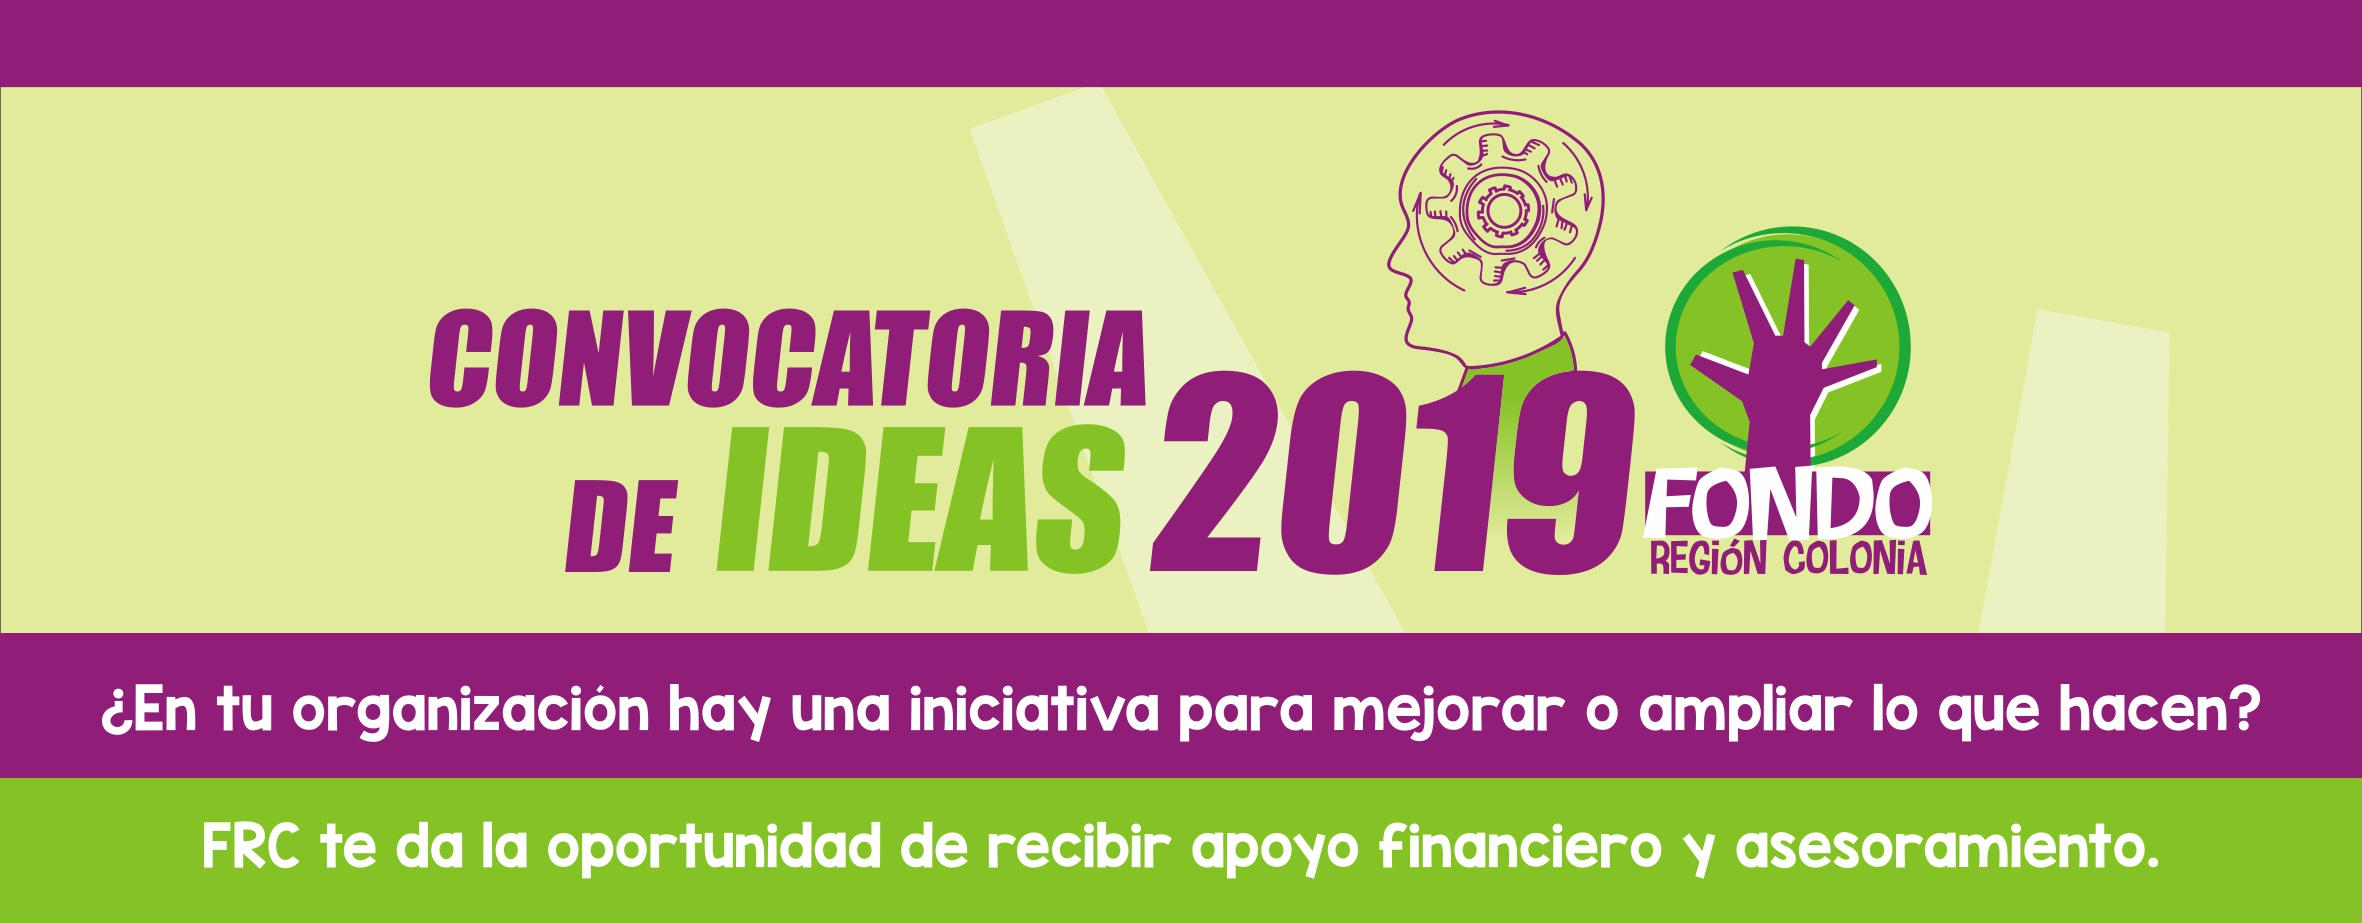 afiche 2019